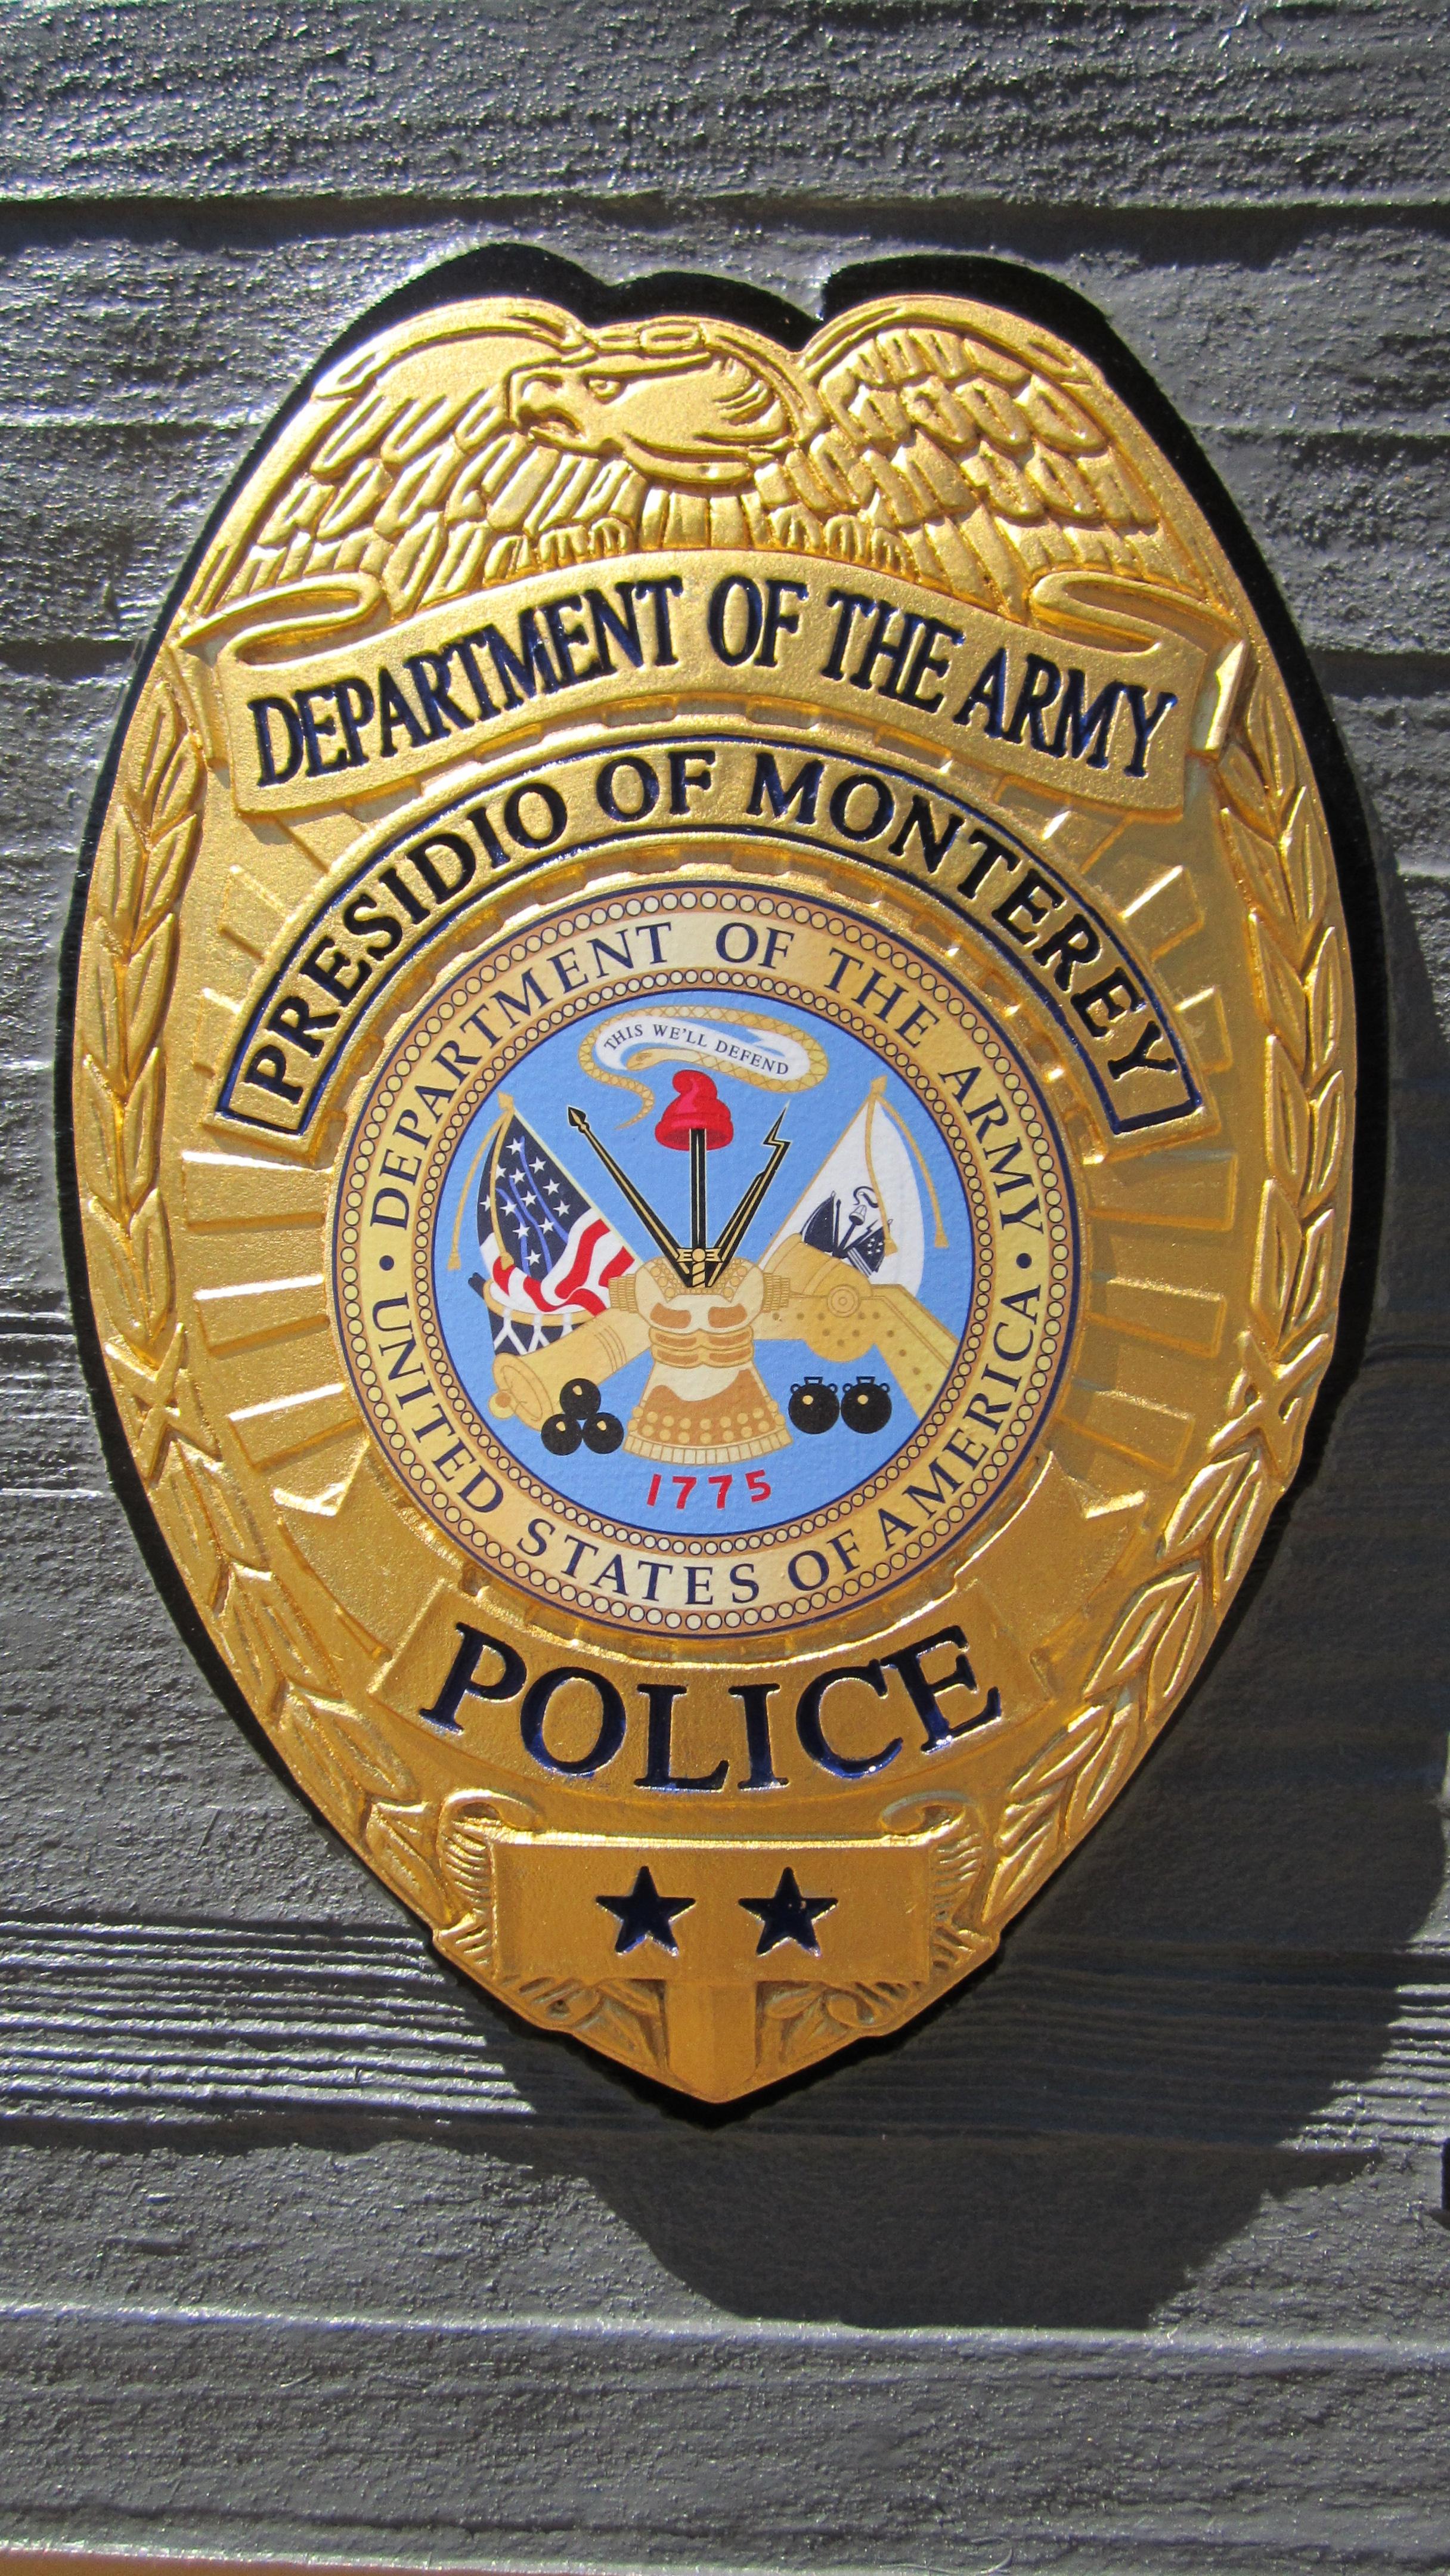 Presidio Police Shield Coastal Enterprises